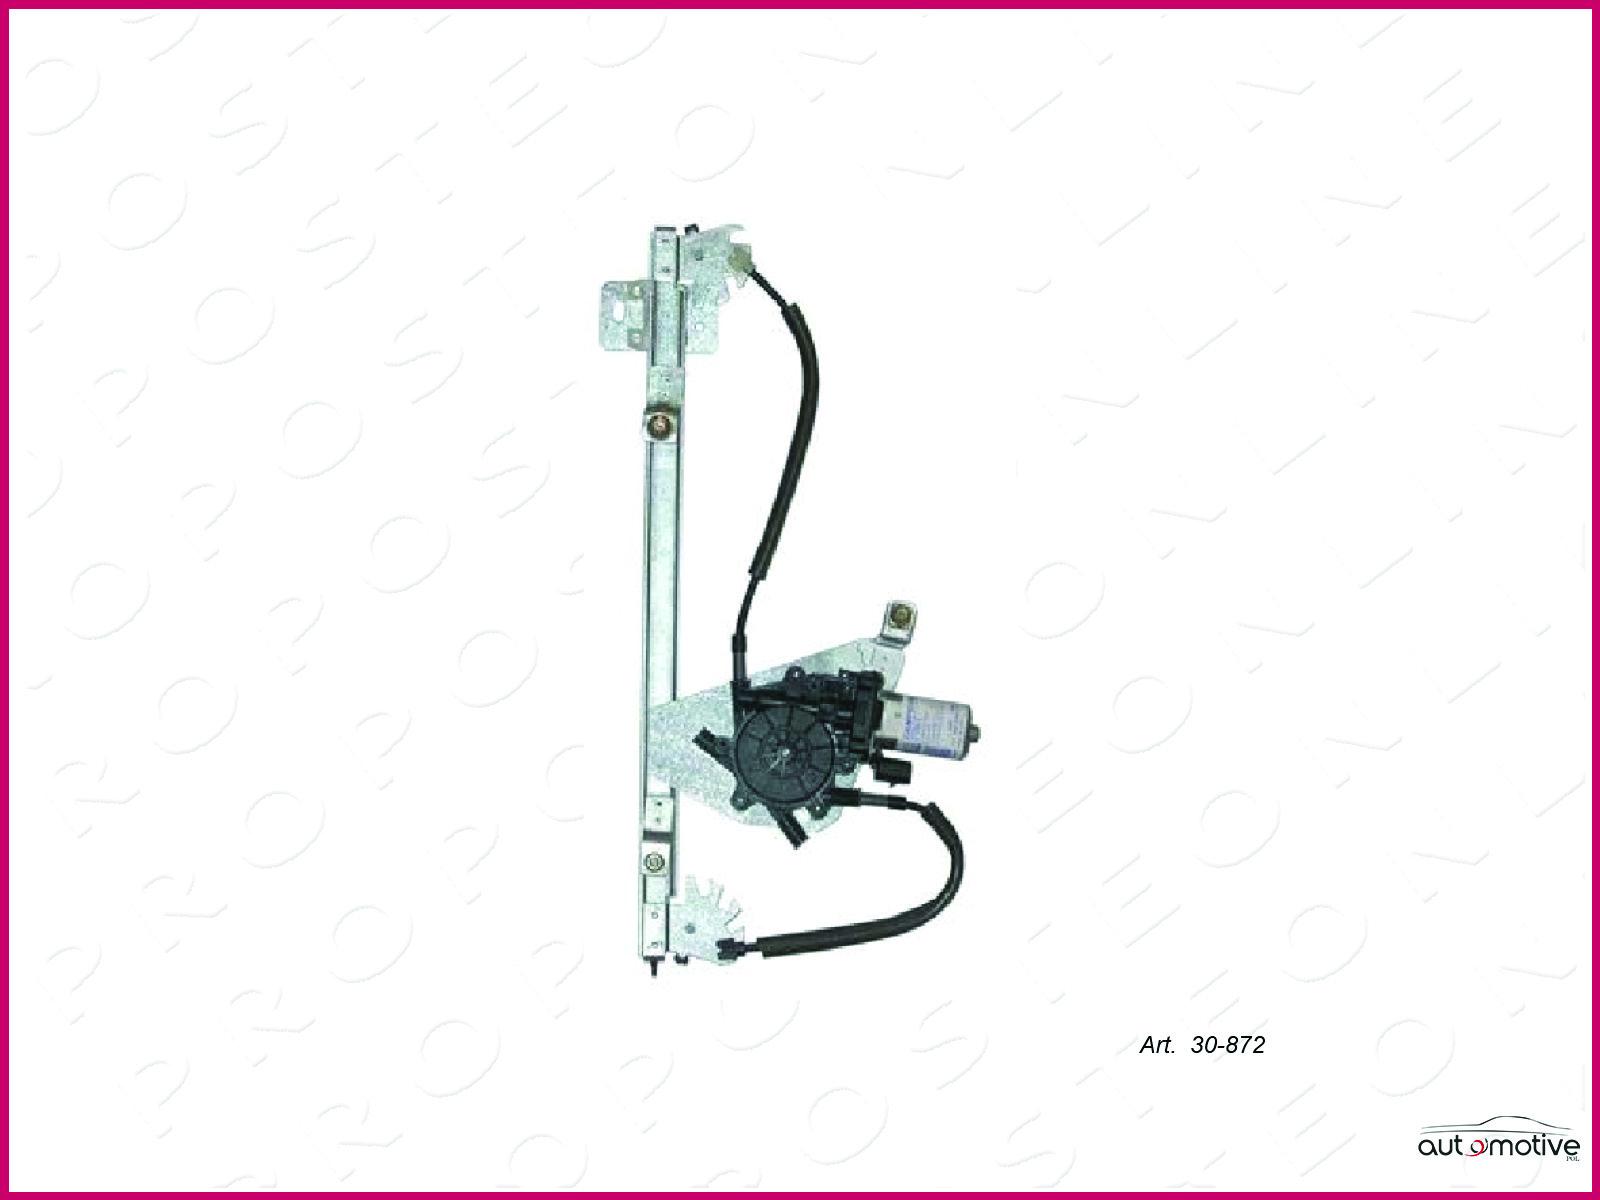 Leve-vitre-Vitres-Electriques-Electrique-Gauche-Fiat-3-Portes-1989-2007-3083